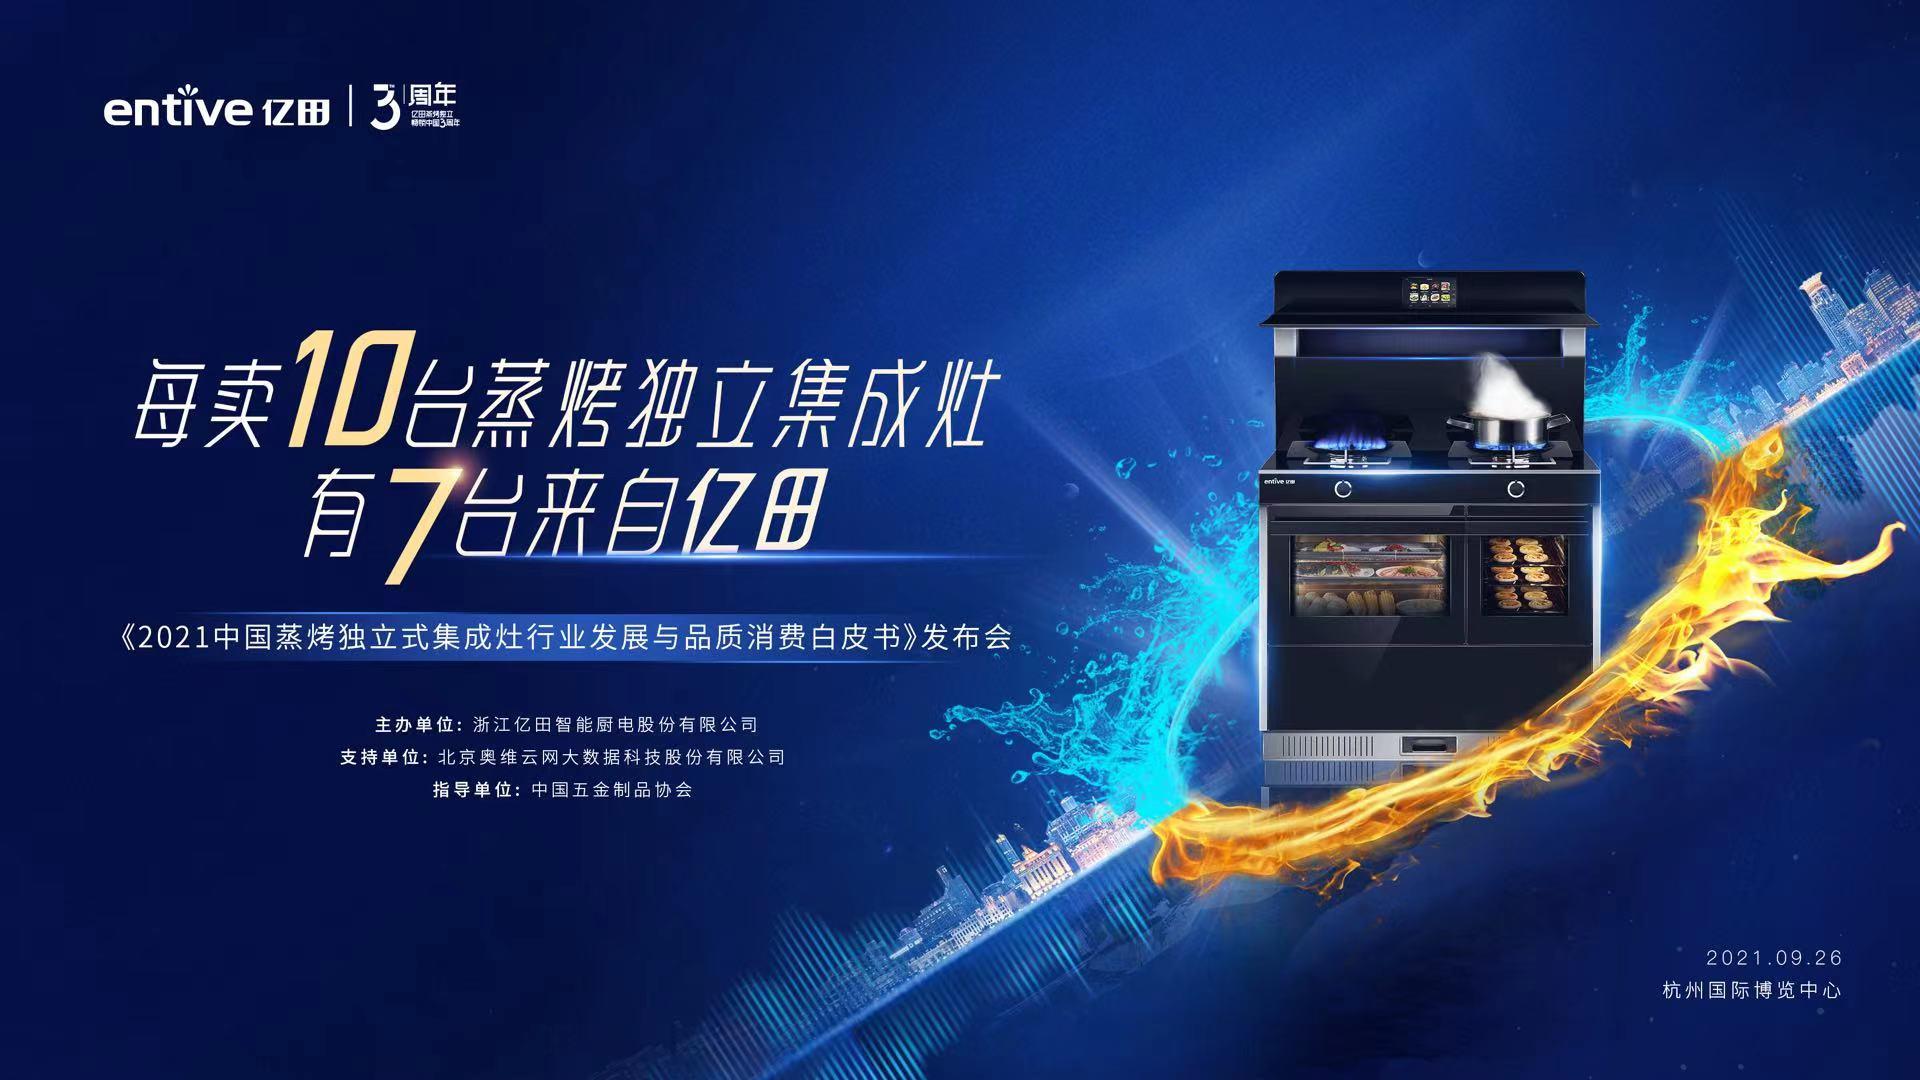 腾讯家居直播丨亿田集成灶《2021中国蒸烤独立集成灶行业发展与品质消费白皮书》发布会